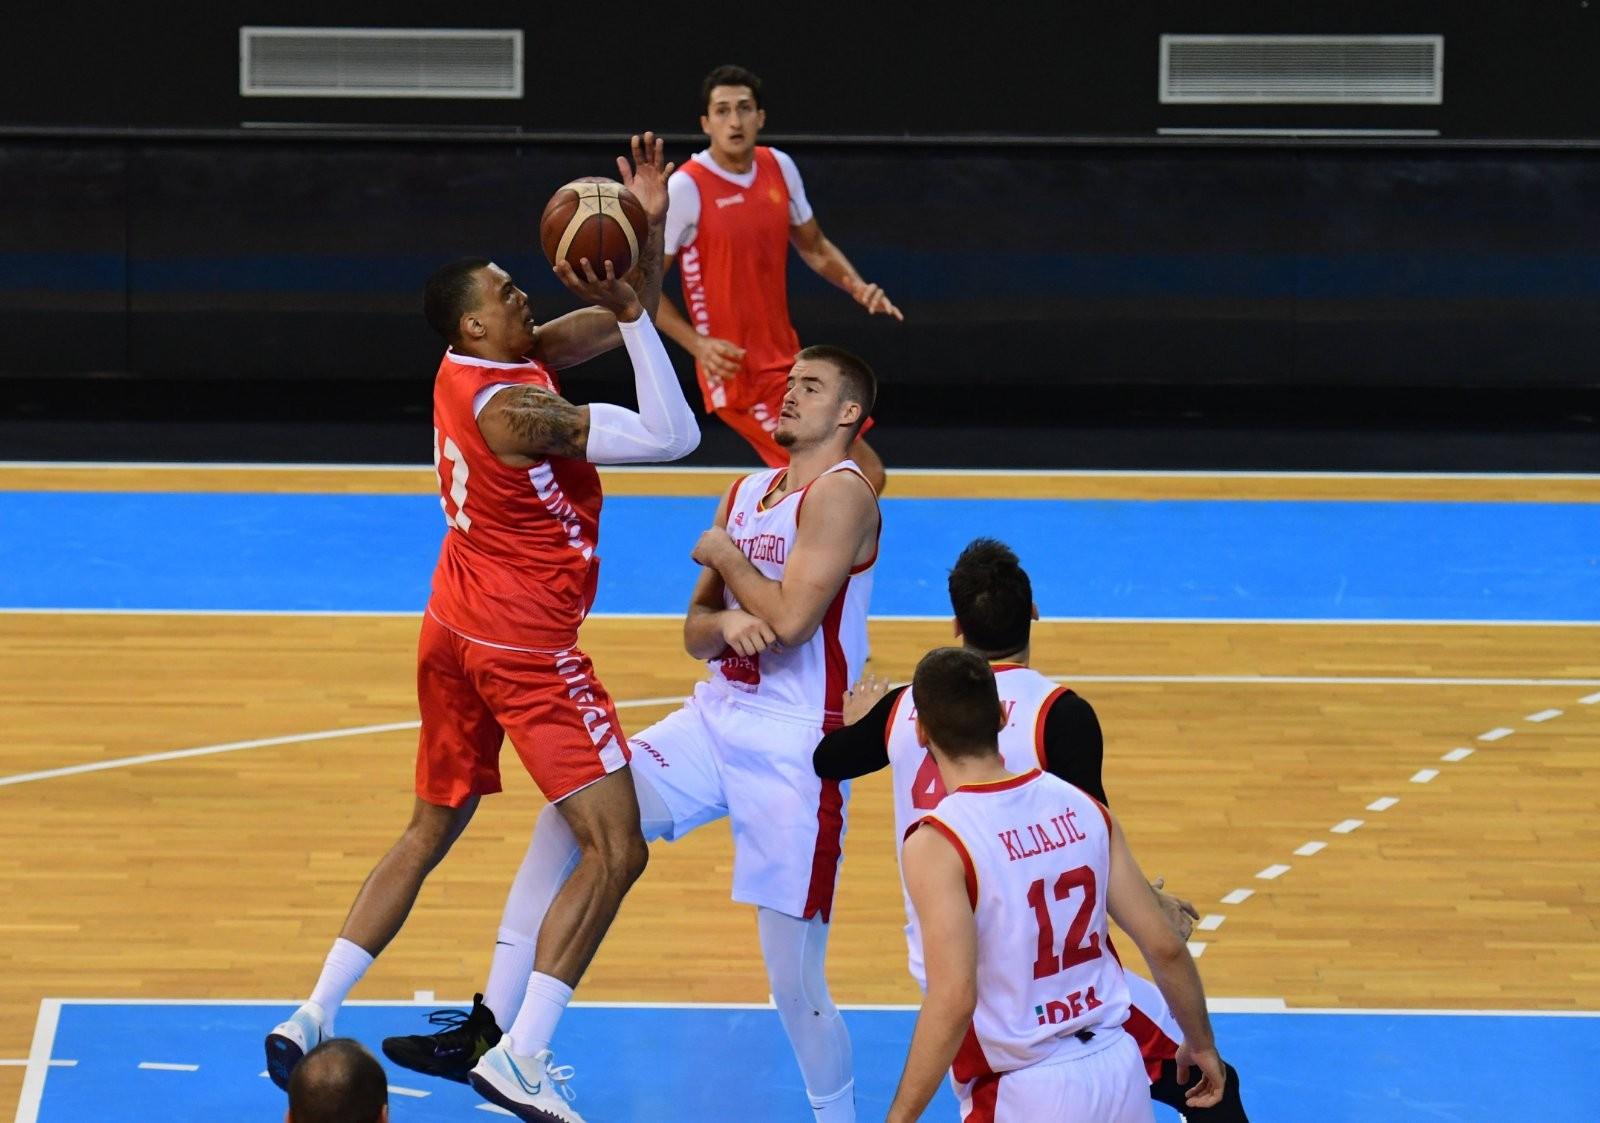 Poraz košarkaša u drugom meču u Skoplju